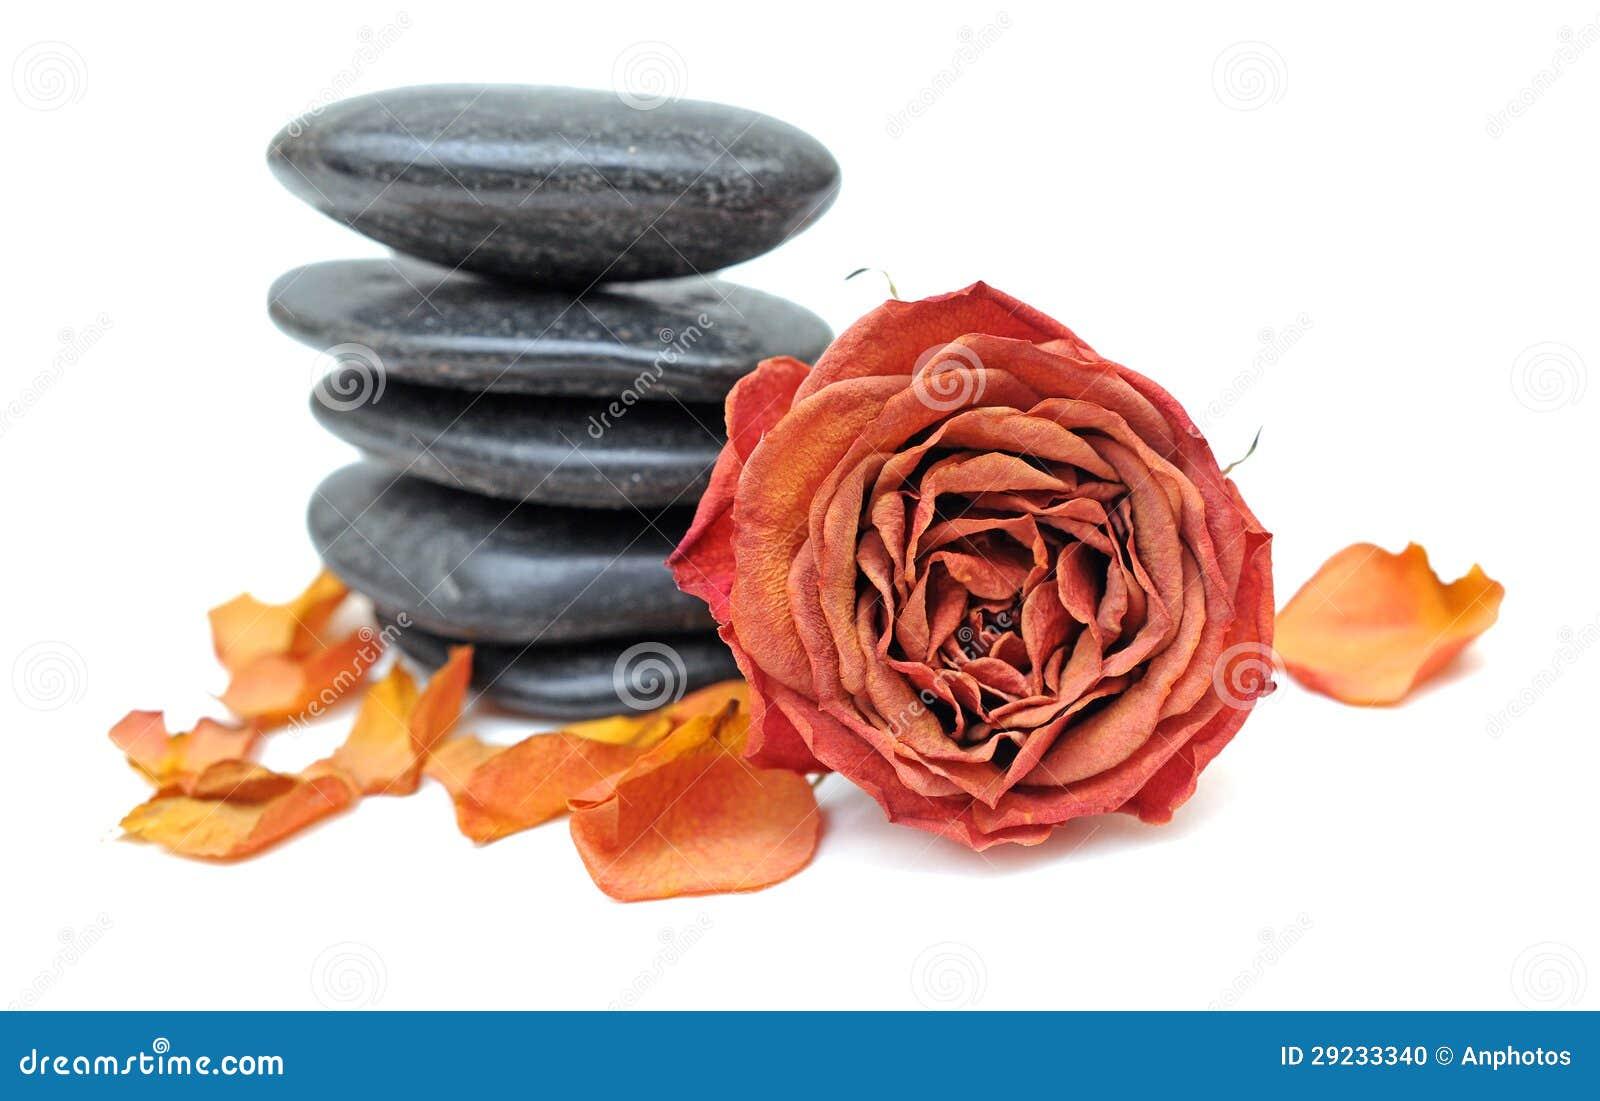 Download Cor-de-rosa E De Pedra Secados Foto de Stock - Imagem de valentine, morte: 29233340